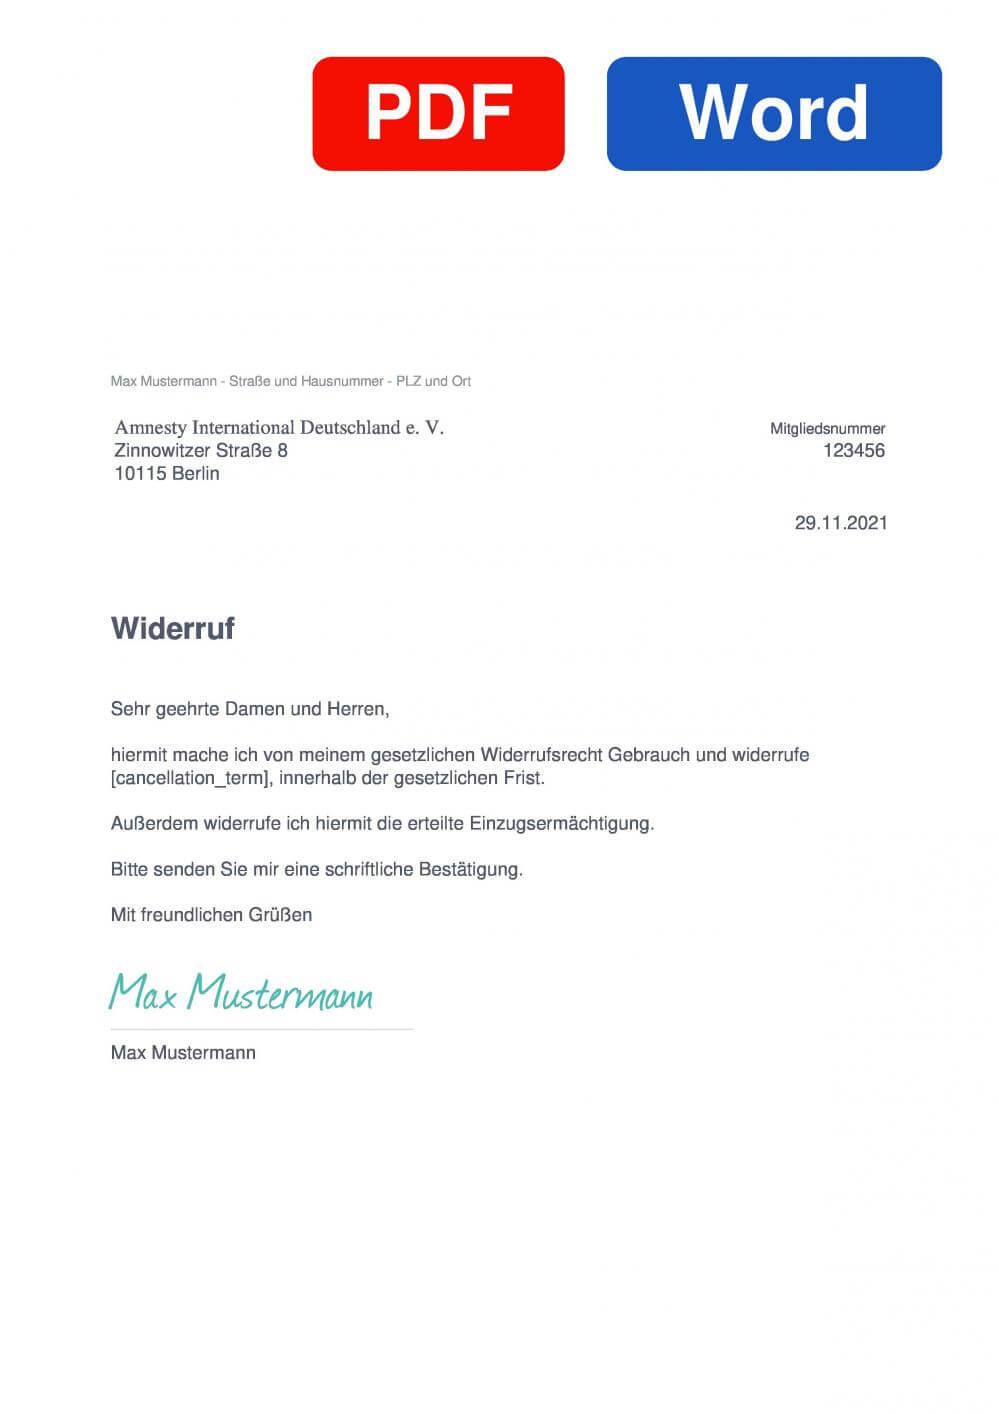 Amnesty International  Muster Vorlage für Wiederrufsschreiben